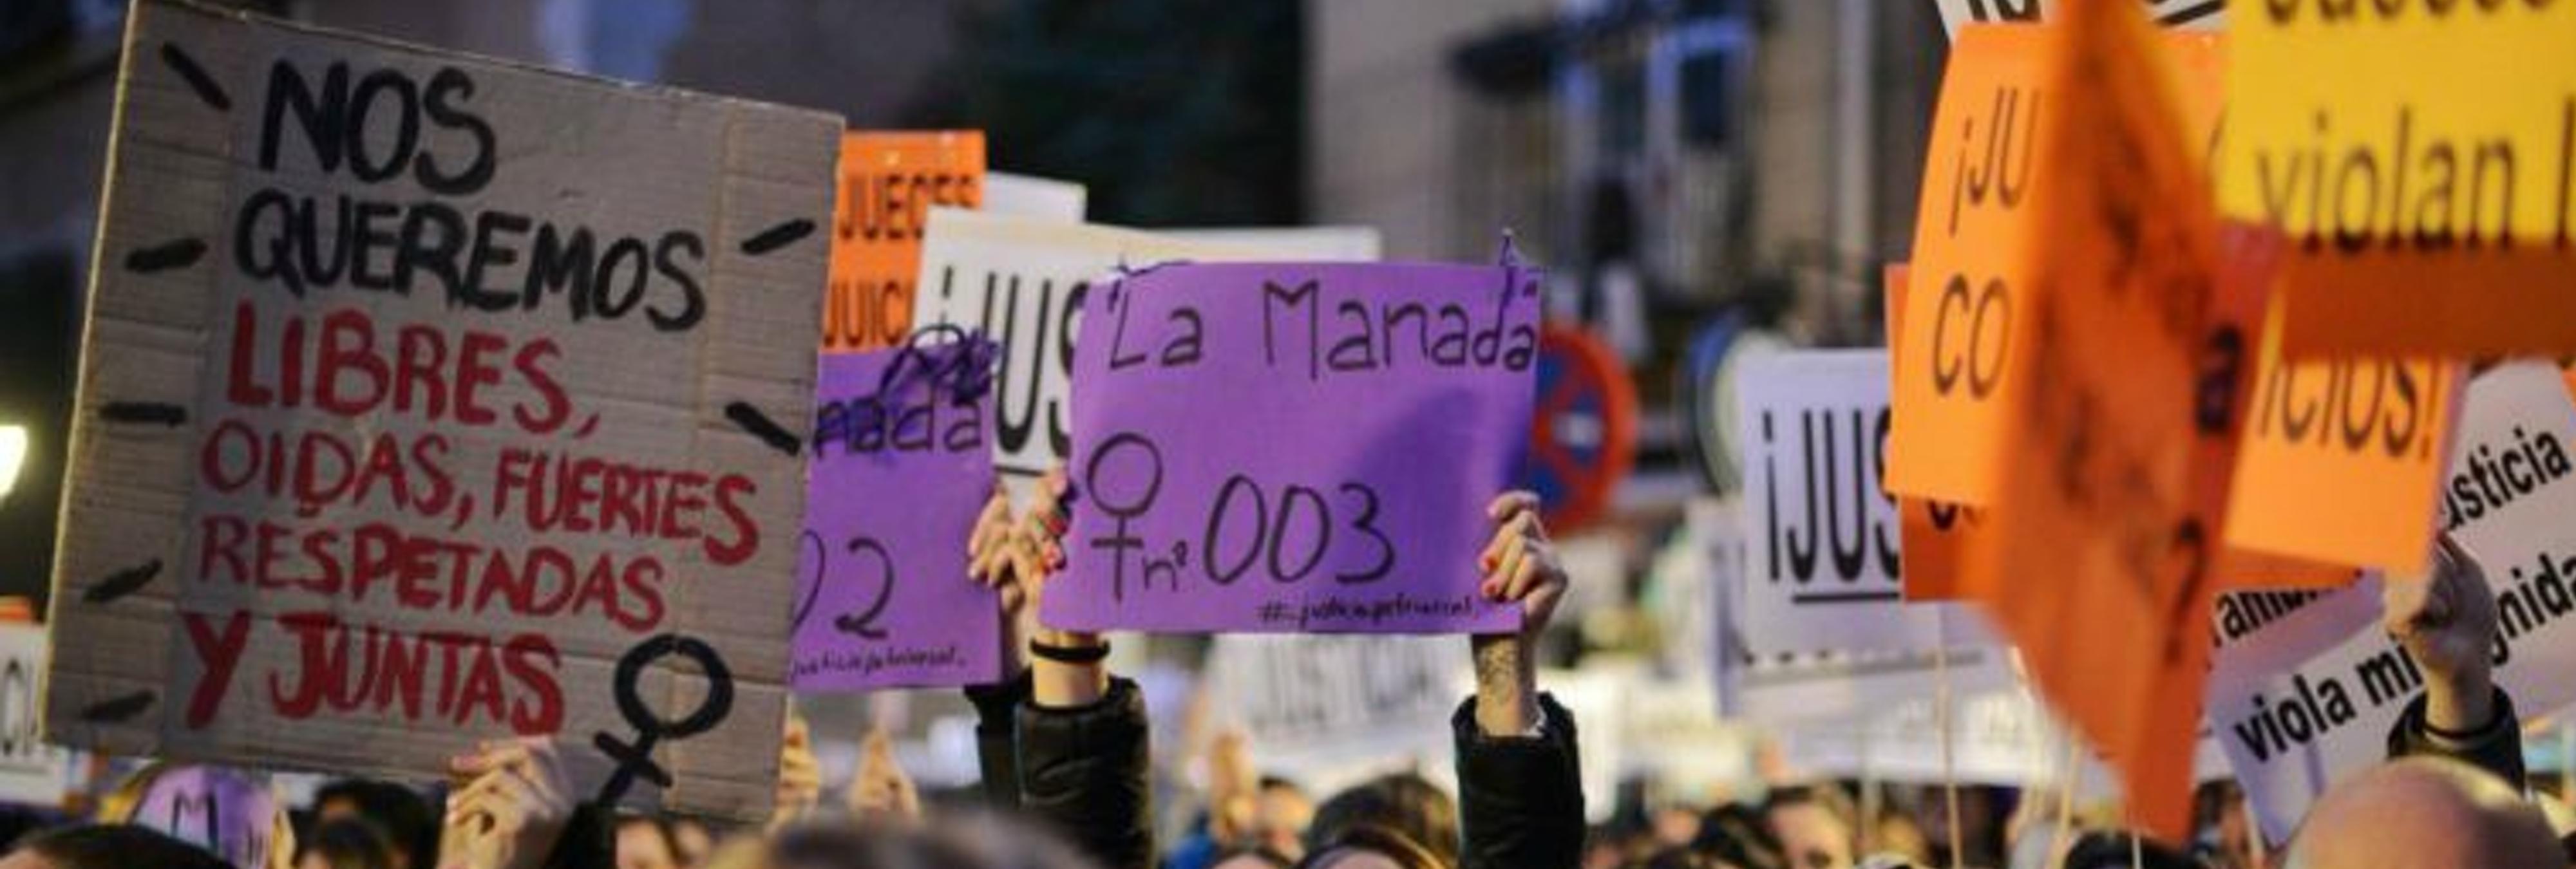 """""""'La Manada' puede reincidir"""": Un criminólogo nos ayuda a conocer la mente de los acusados"""